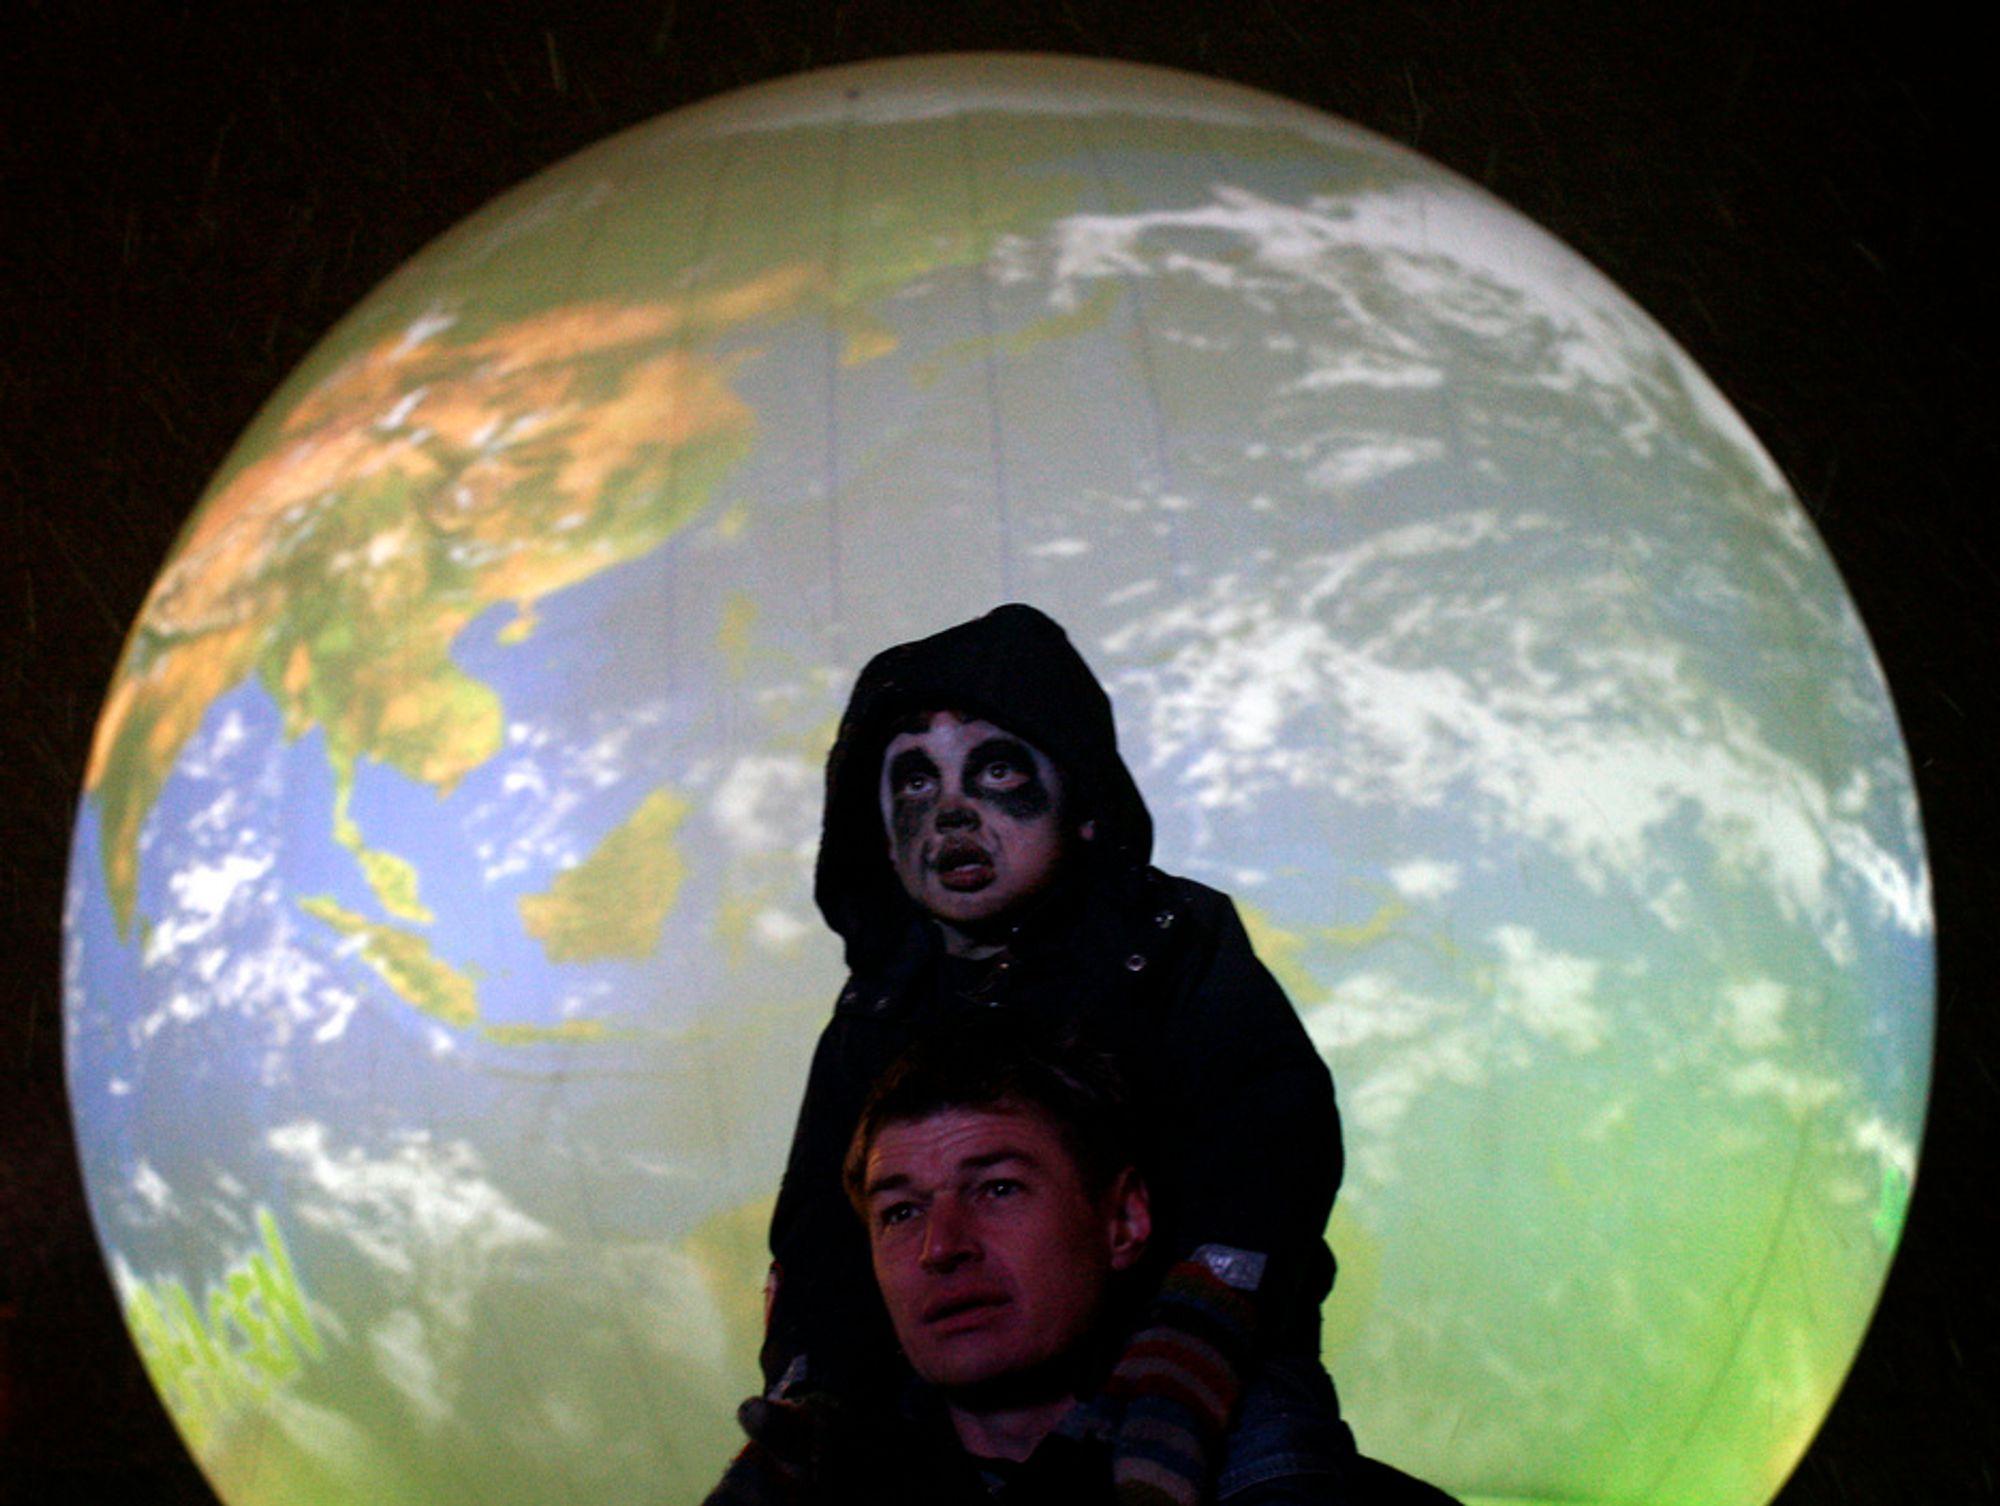 En gutt sitter på sin fars skuldre på Rådhusplassen i København under en markering for en klimaavtale. Håpet svinner om utsiktene til at det blir en avtale på klimatoppmøte